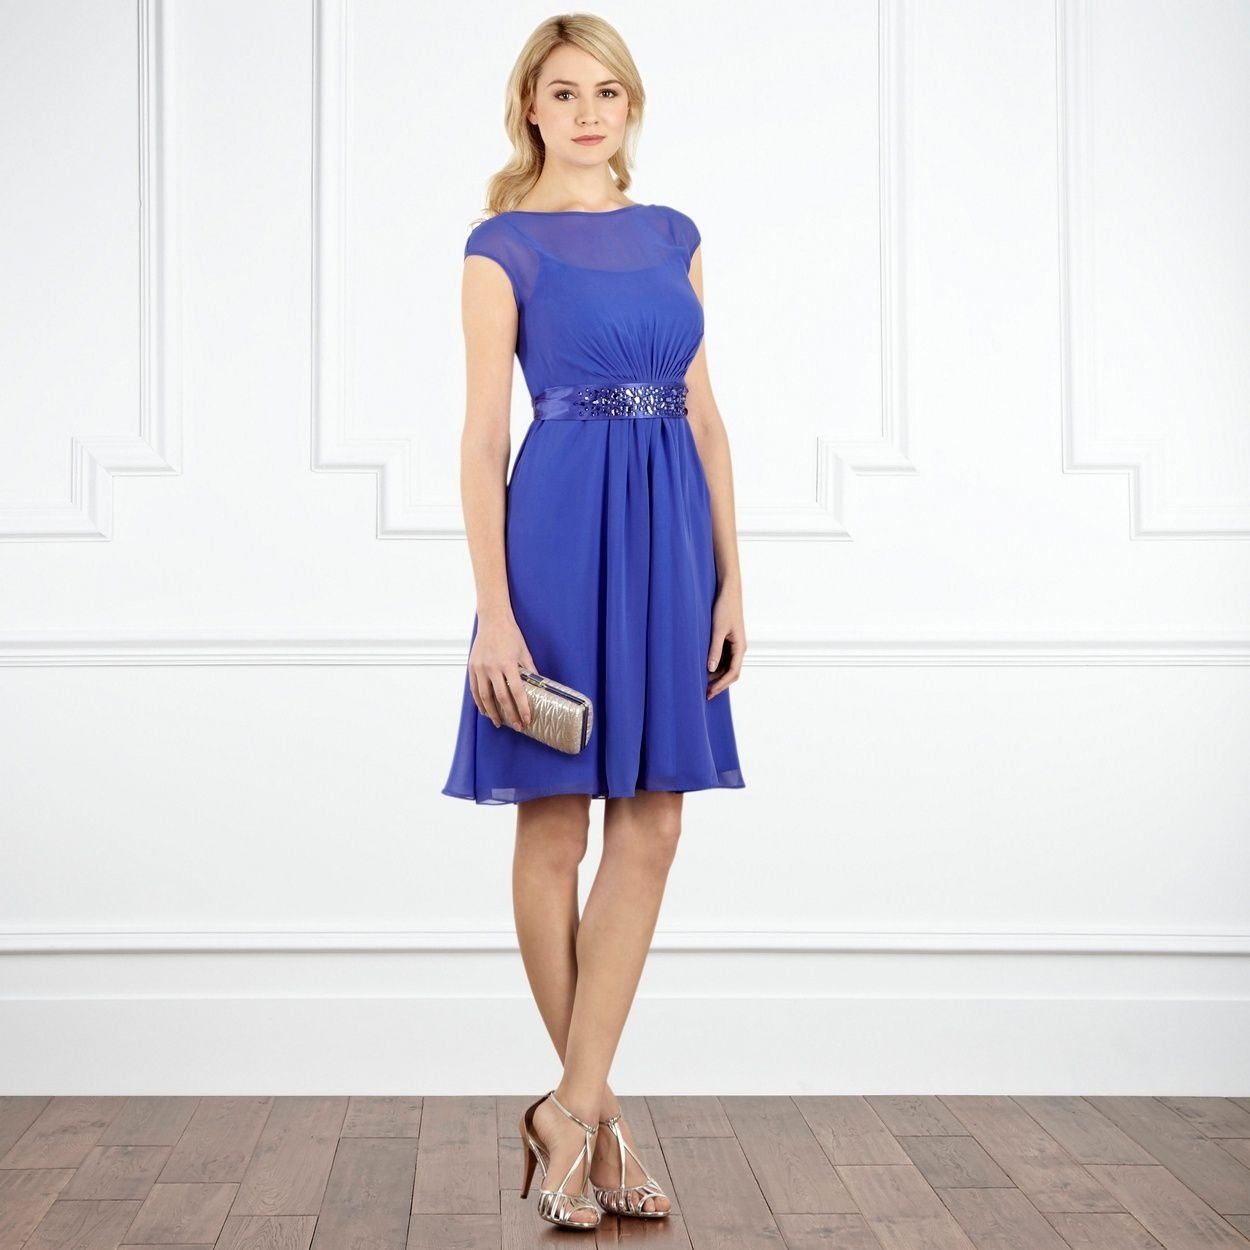 20 Schön Blaues Kleid Mit Glitzer Boutique20 Leicht Blaues Kleid Mit Glitzer Spezialgebiet